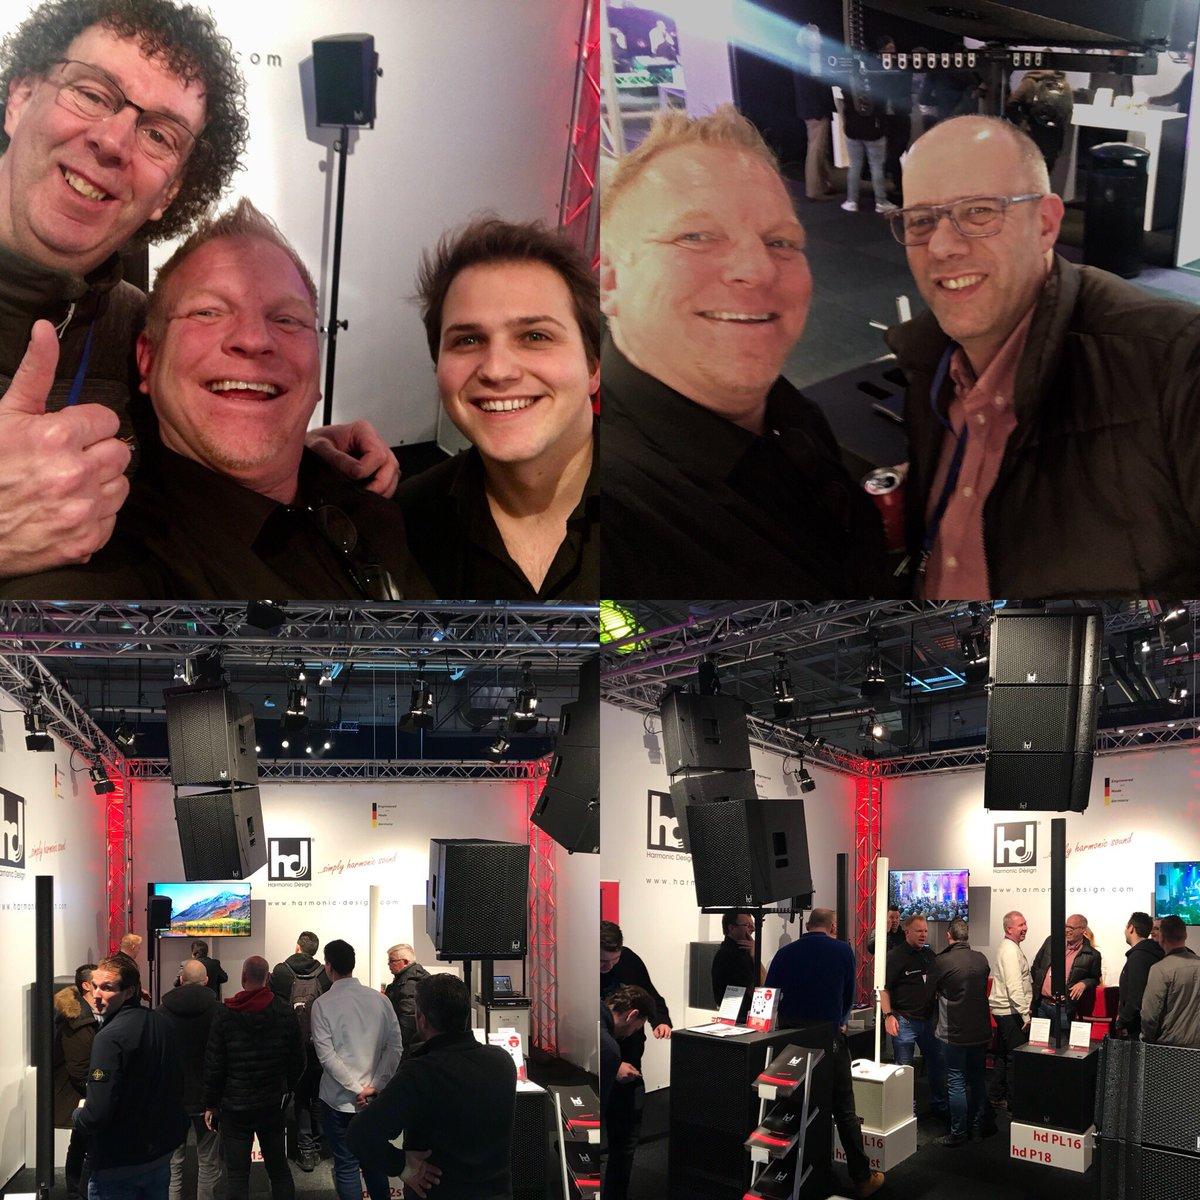 test Twitter Media - @CUE2018 is the place to be voor av nieuwtjes. Stand 313, @RedProductionNL toont de modellen van #harmonicdesign in nederland. Compact en zeer krachtig. Vele zijn al geweest. Kom ook lang bij @RedProductionNL exclusief Benelux importeur. De koffie staat klaar. https://t.co/PAyD94Vghr